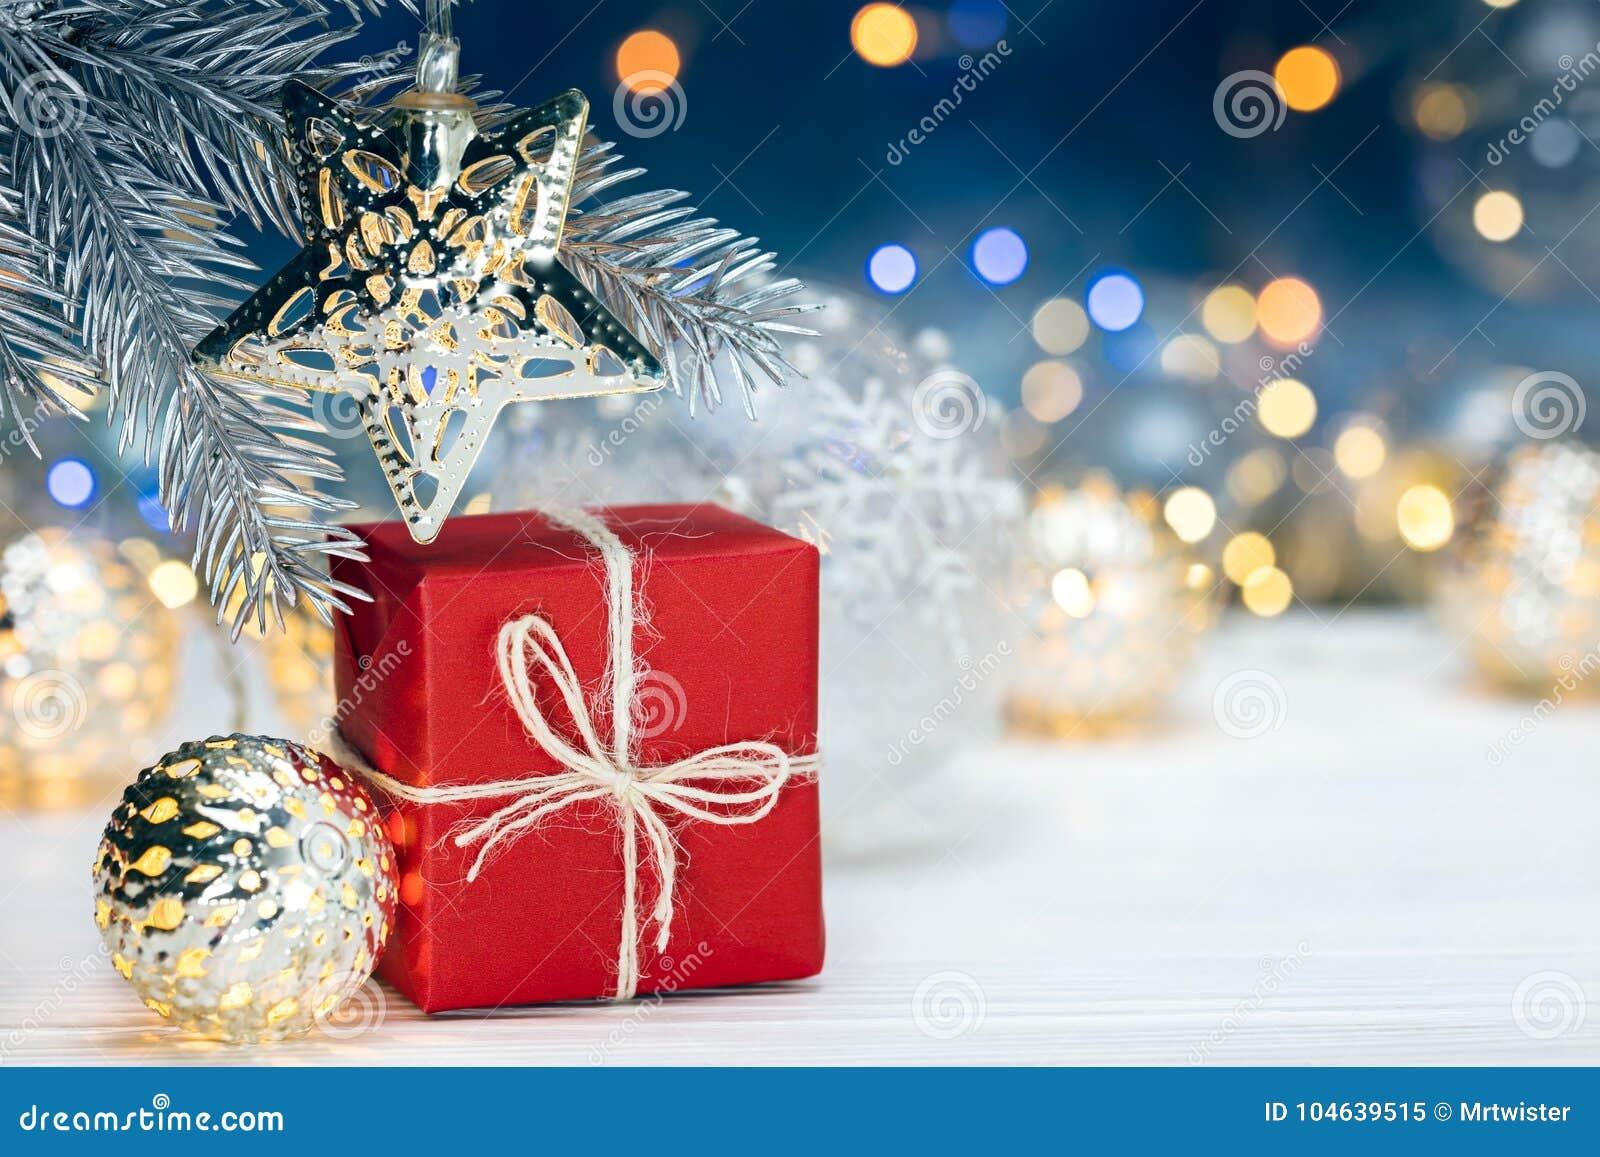 Download Kerstboomdecoratie Op Sparrentak En Giftdoos Opnieuw Stock Afbeelding - Afbeelding bestaande uit feestelijk, gift: 104639515